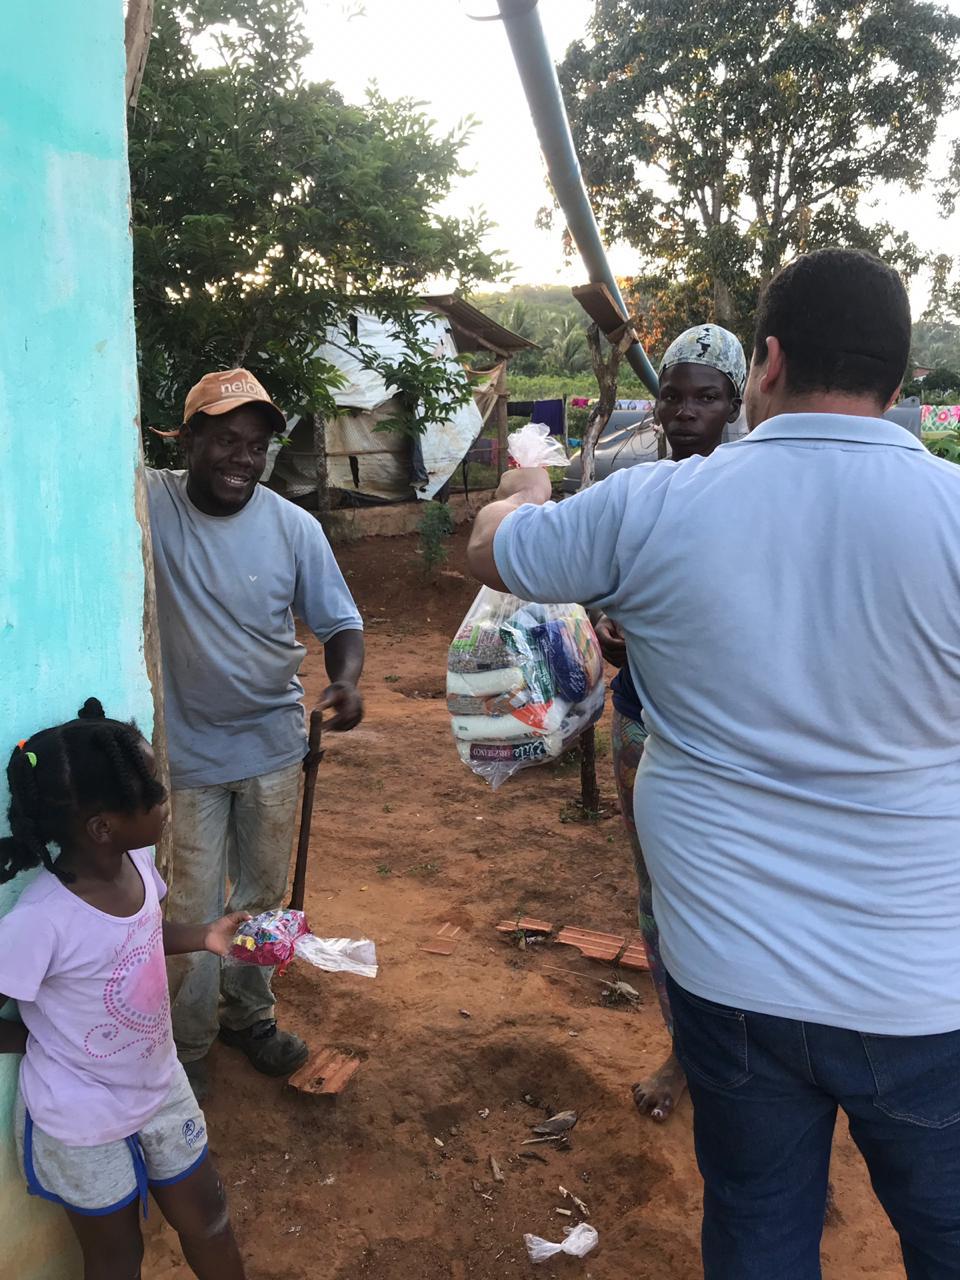 Associação Comercial de Coração de Maria realiza doação de cestas básicas e beneficia mais de 200 famílias carentes em Coração de Maria.